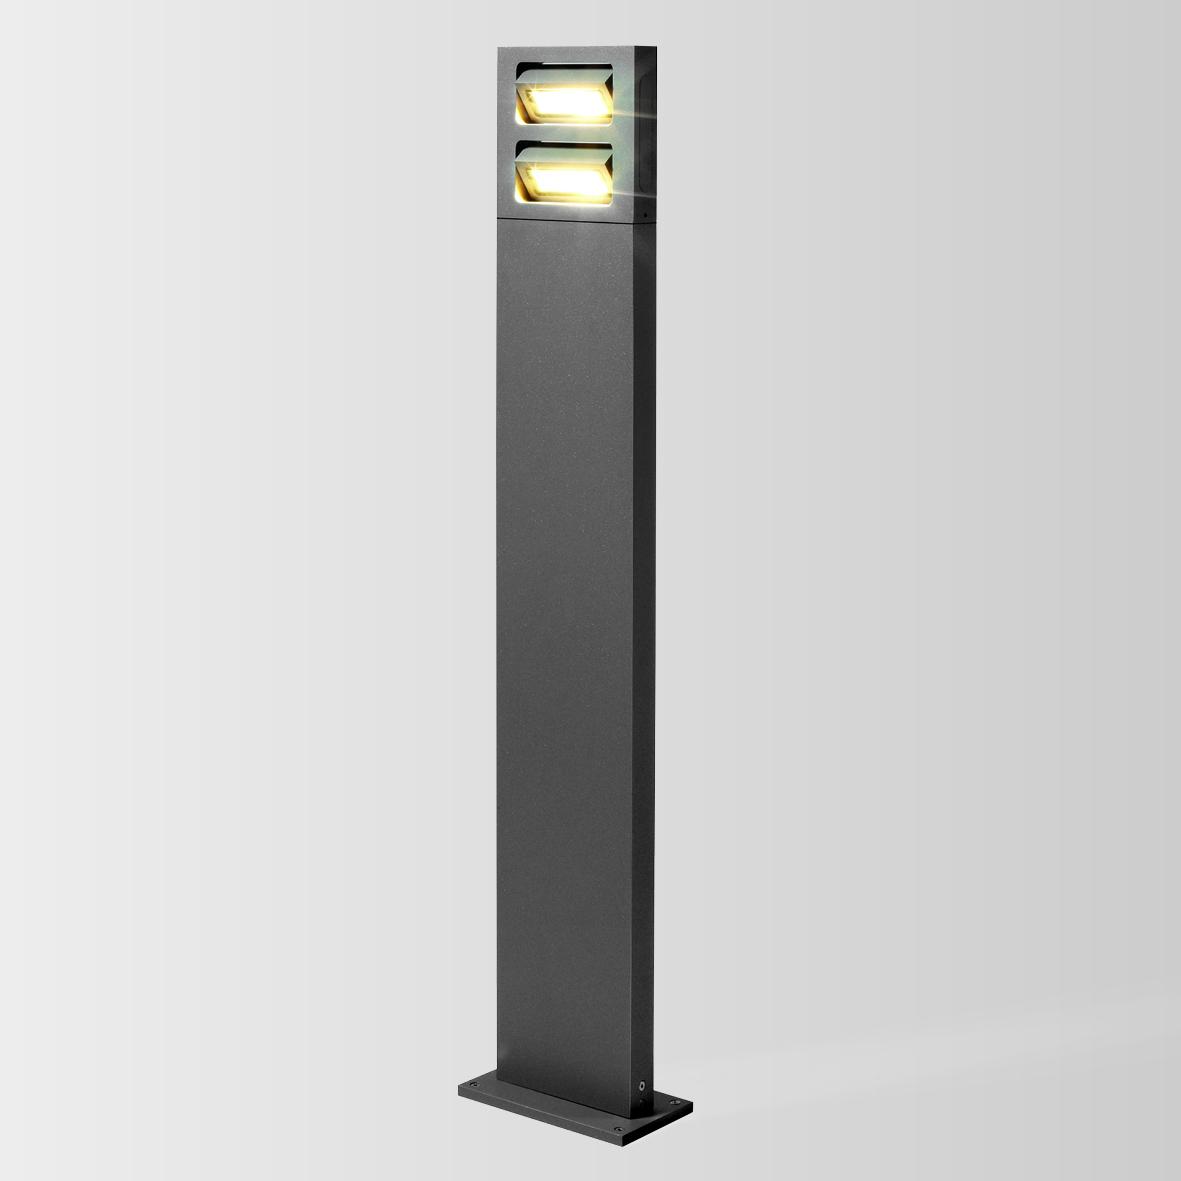 SWAY 2.0 LED 3000K DIM tumehall 2x 8W 80 220-240VAC ilma postita, välisvalgusti pollar